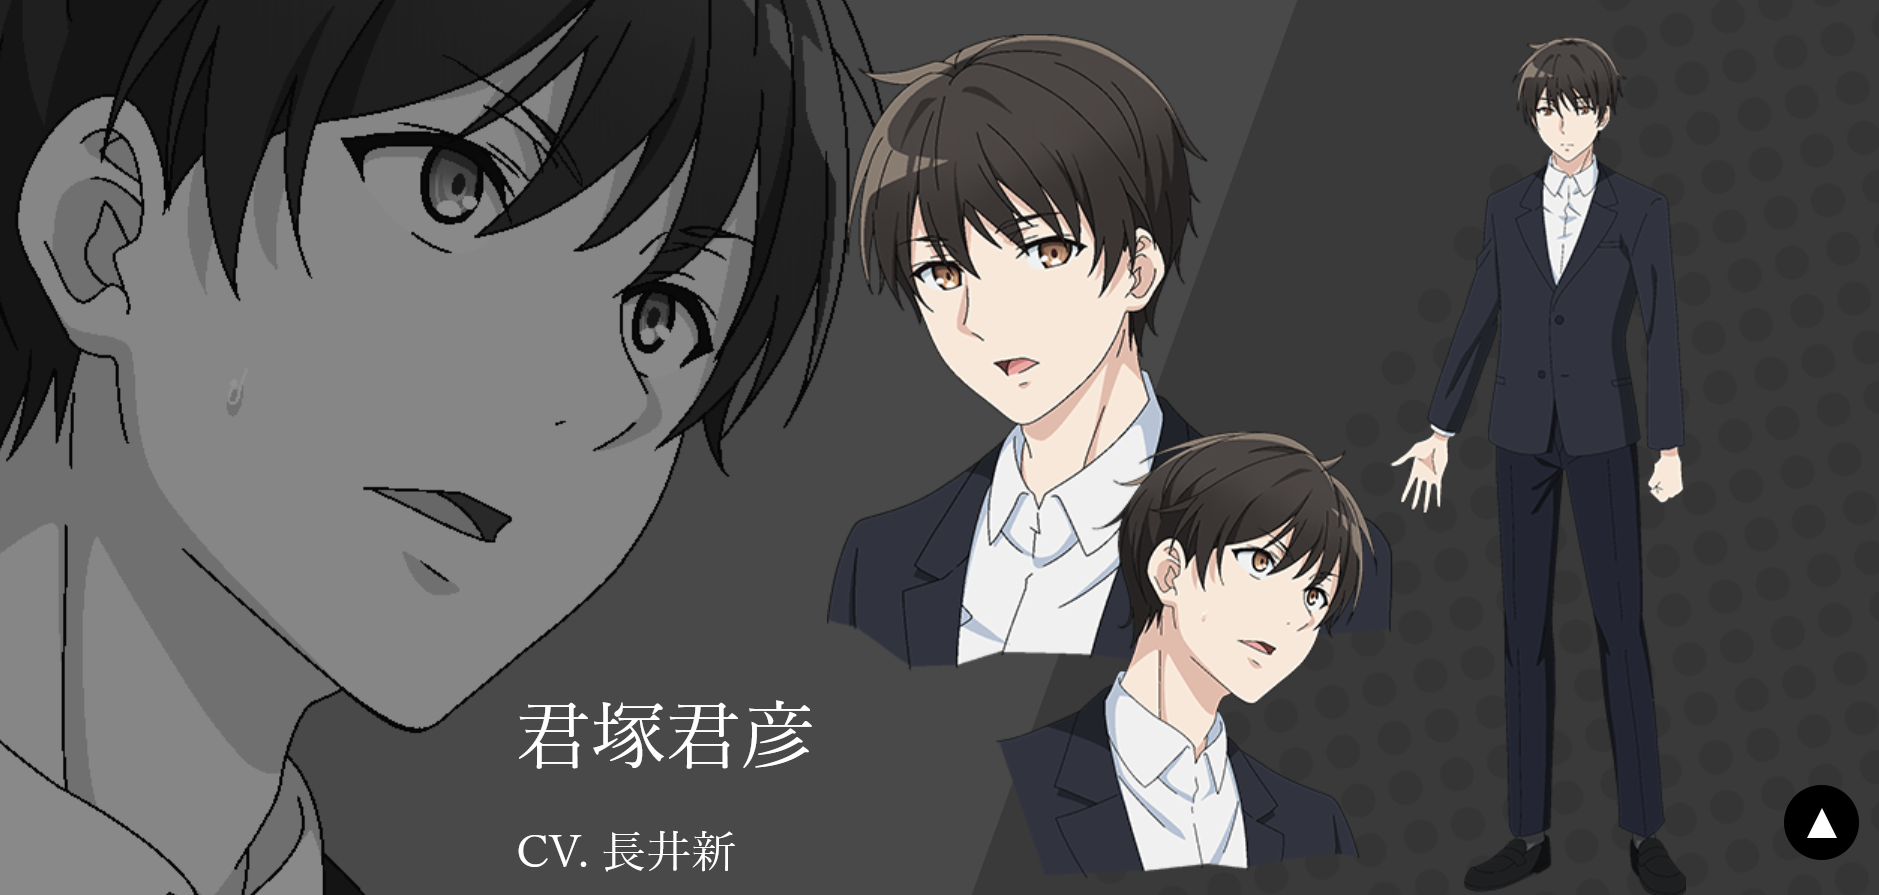 Shin Nagai como Kimihiko Kimitsuka